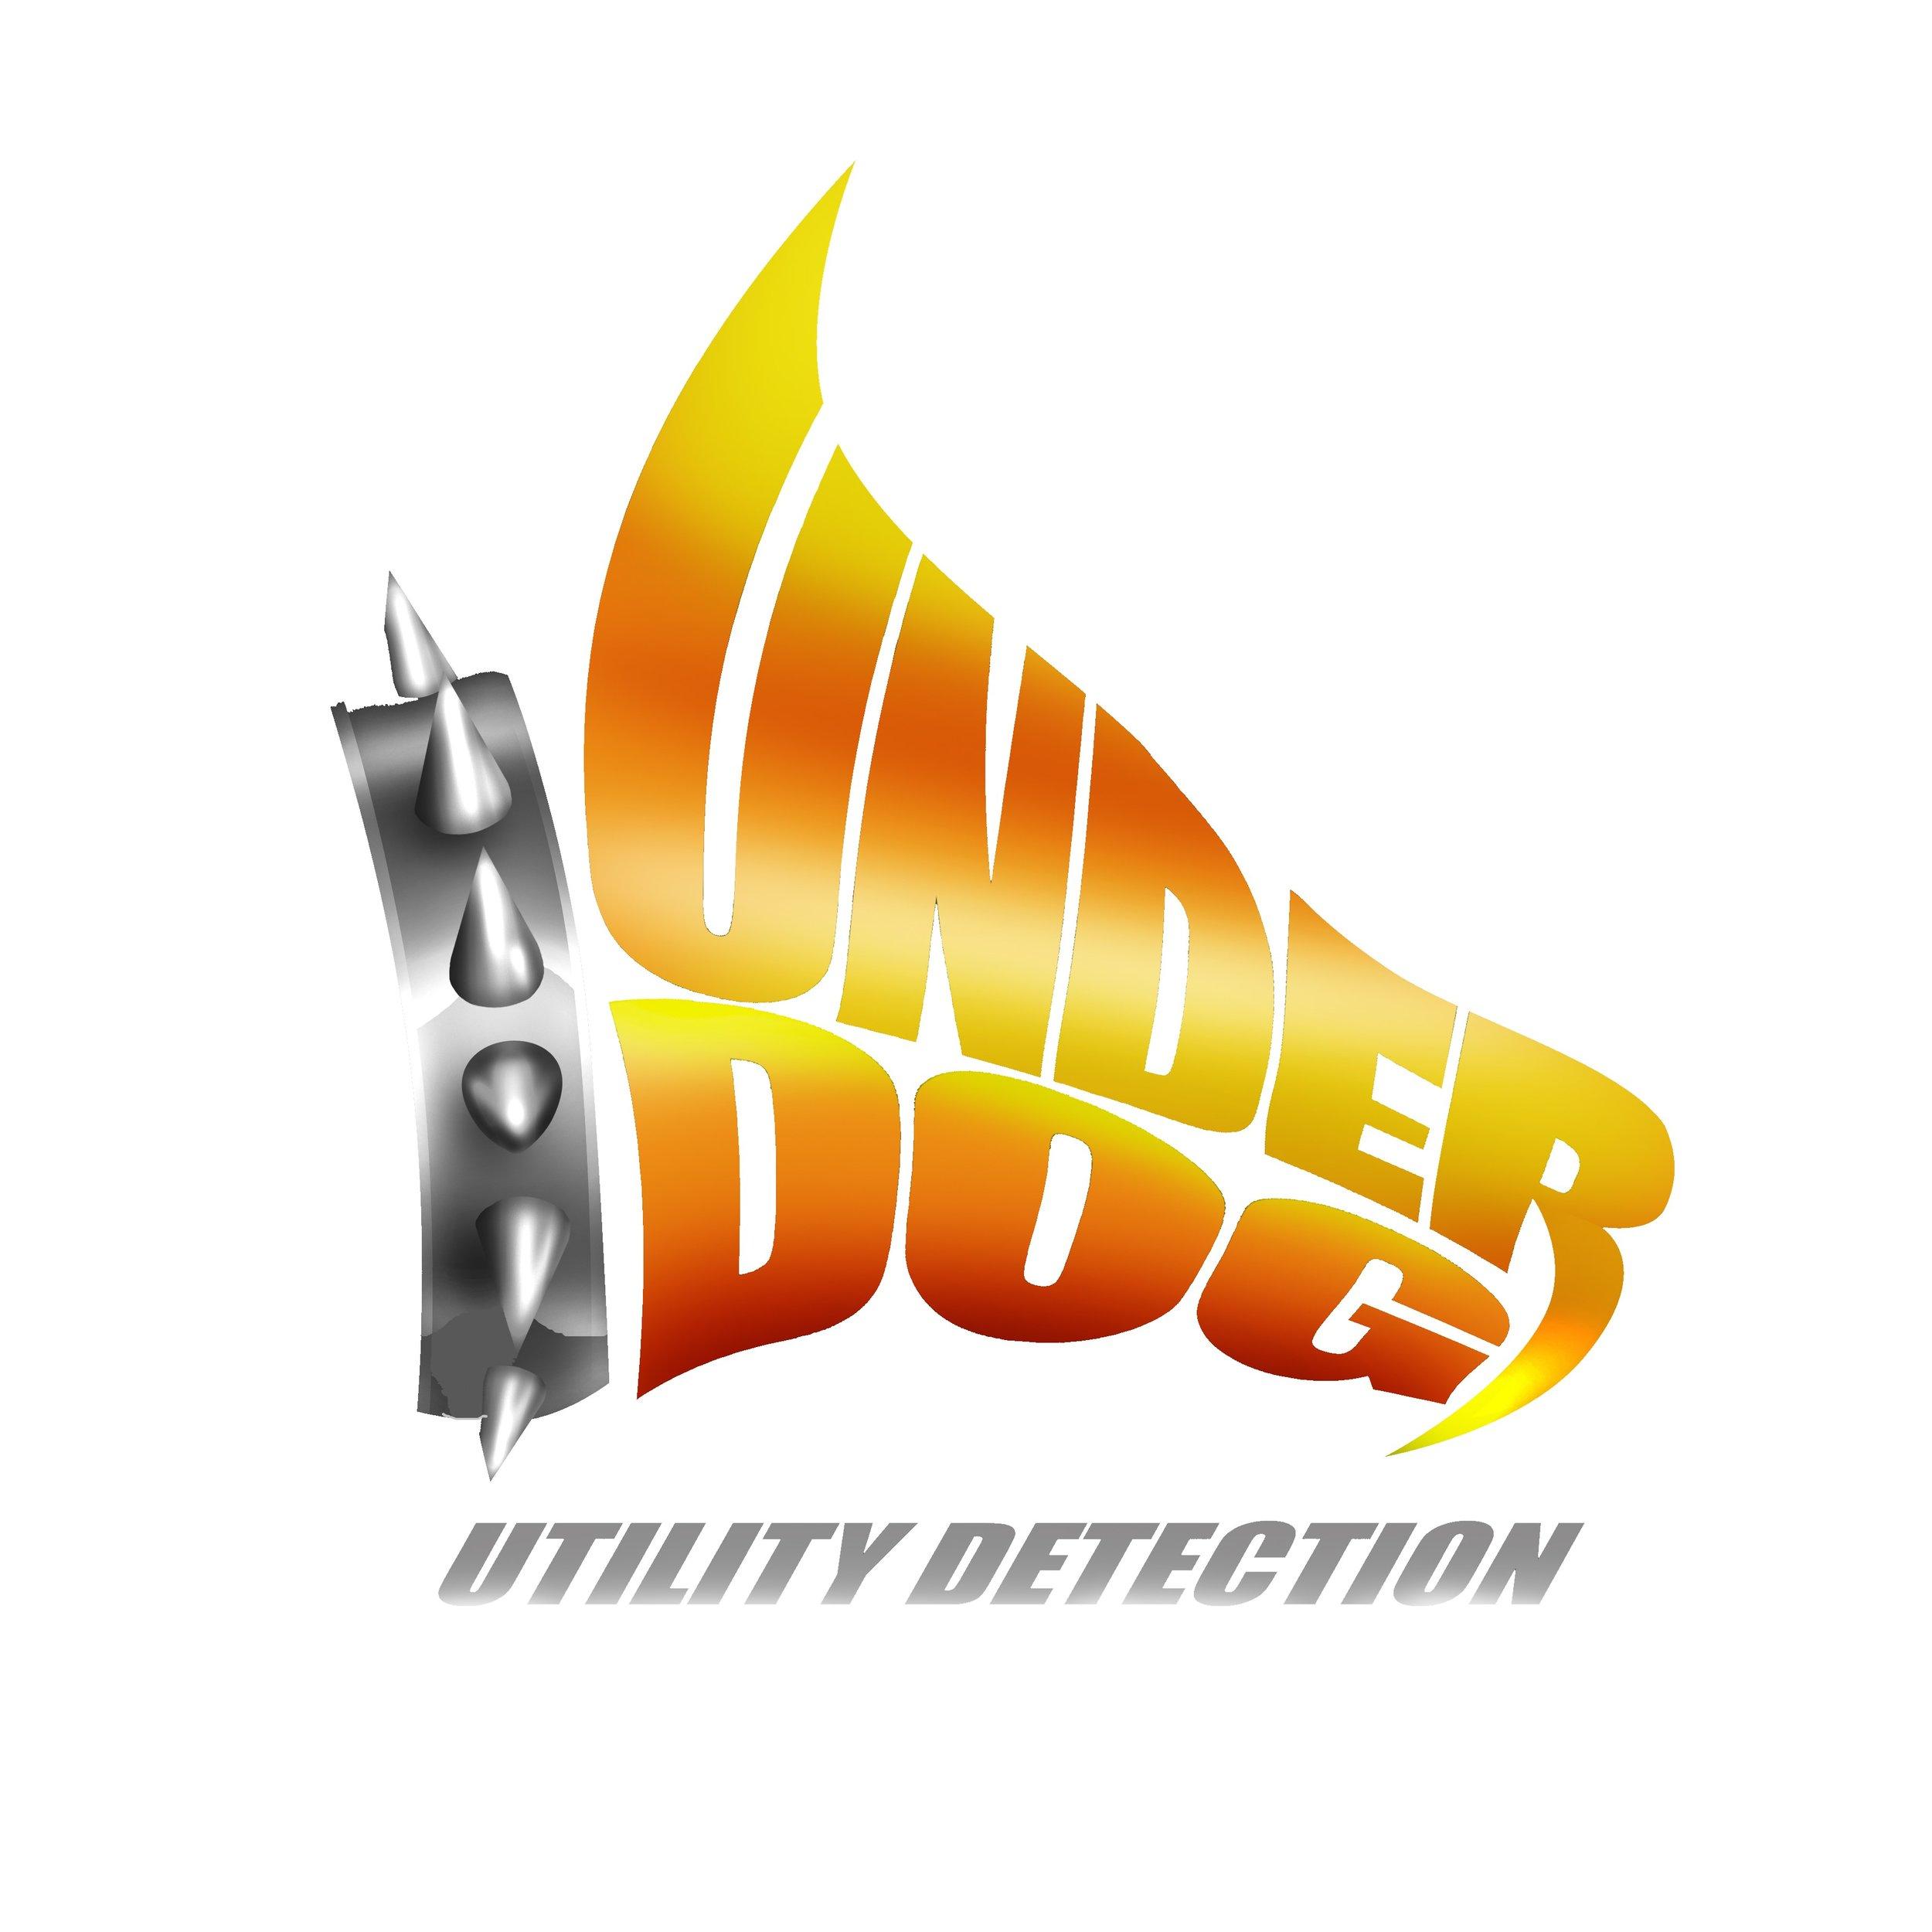 underdog new logo.jpg